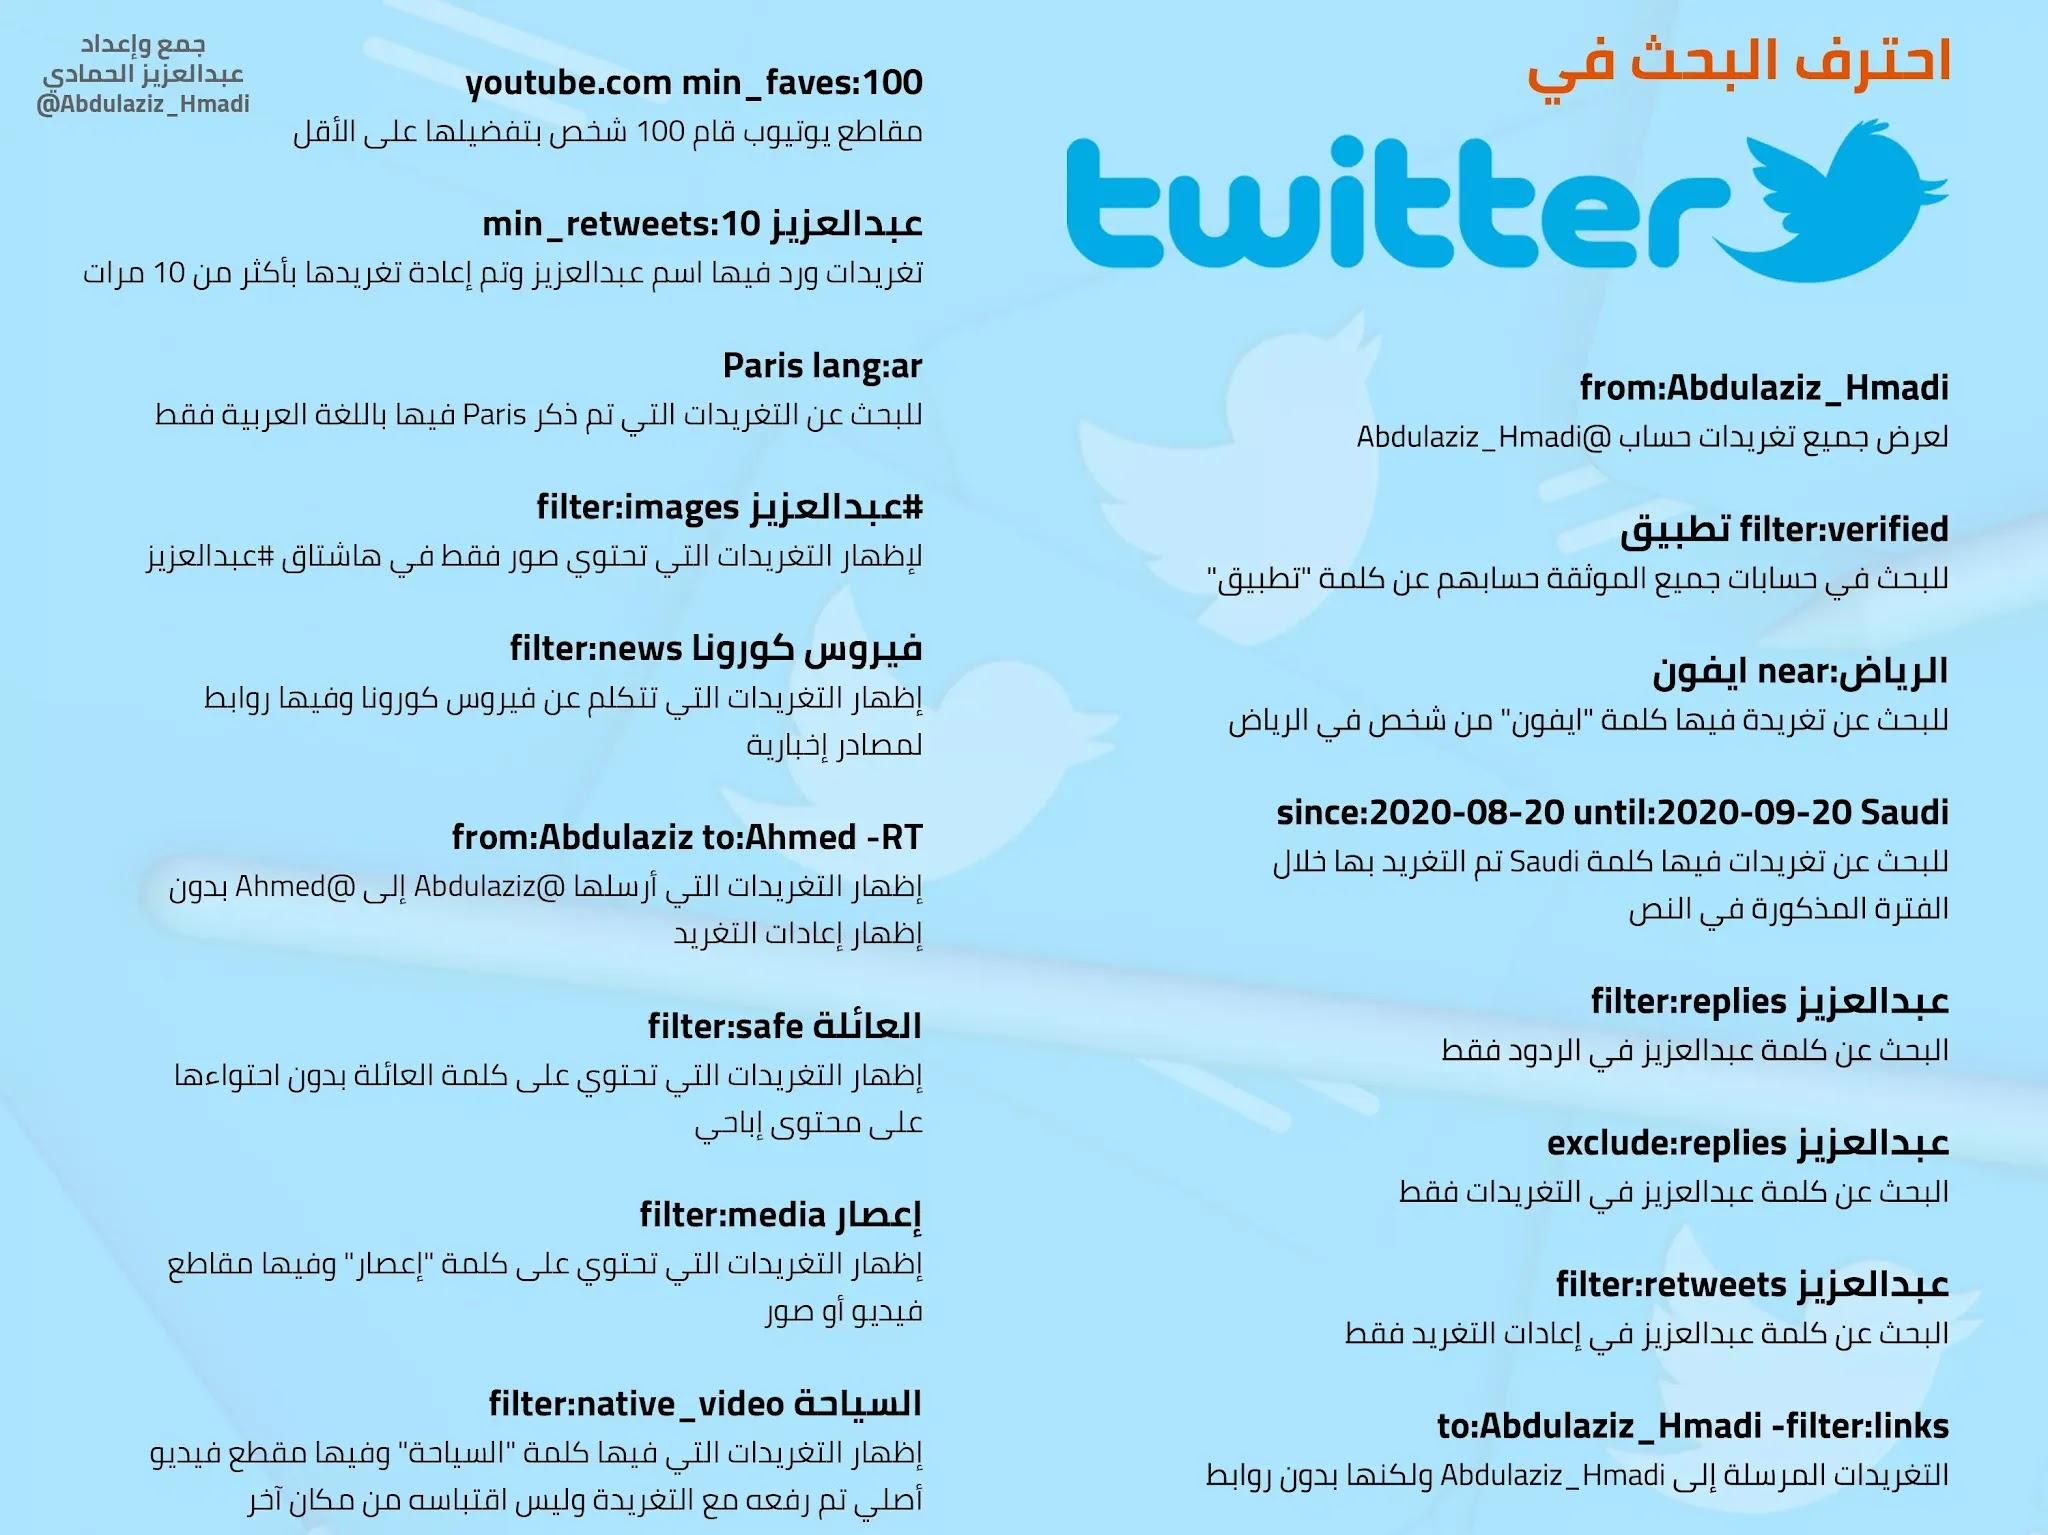 انفوجرافيك: كيف تحترف البحث على تويتر